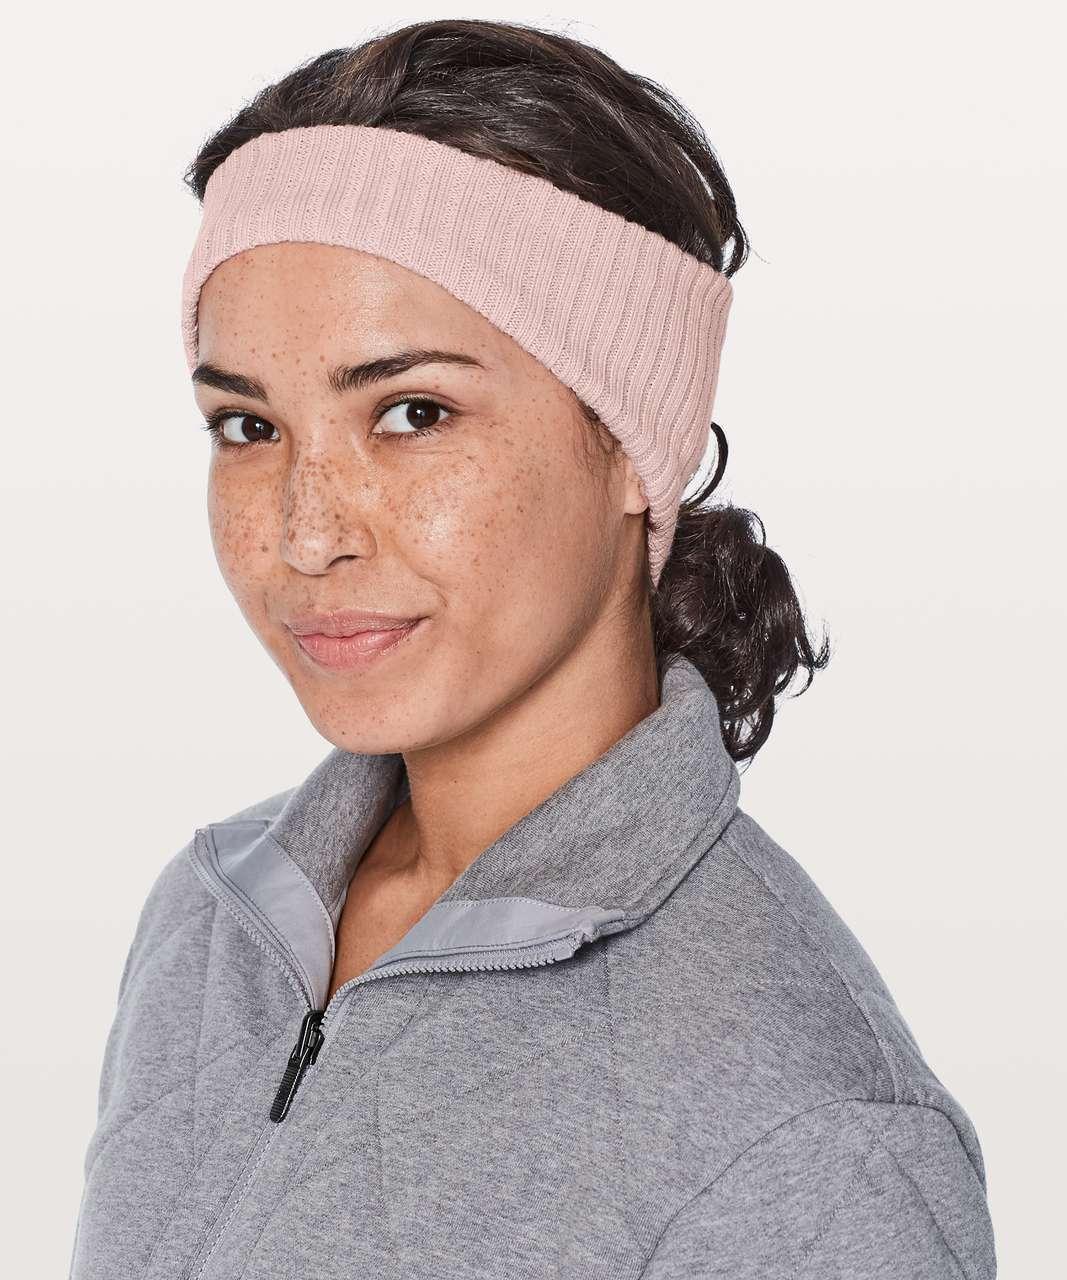 94b963dcd93 Lululemon Wool Be Cozy Ear Warmer - Misty Pink - lulu fanatics